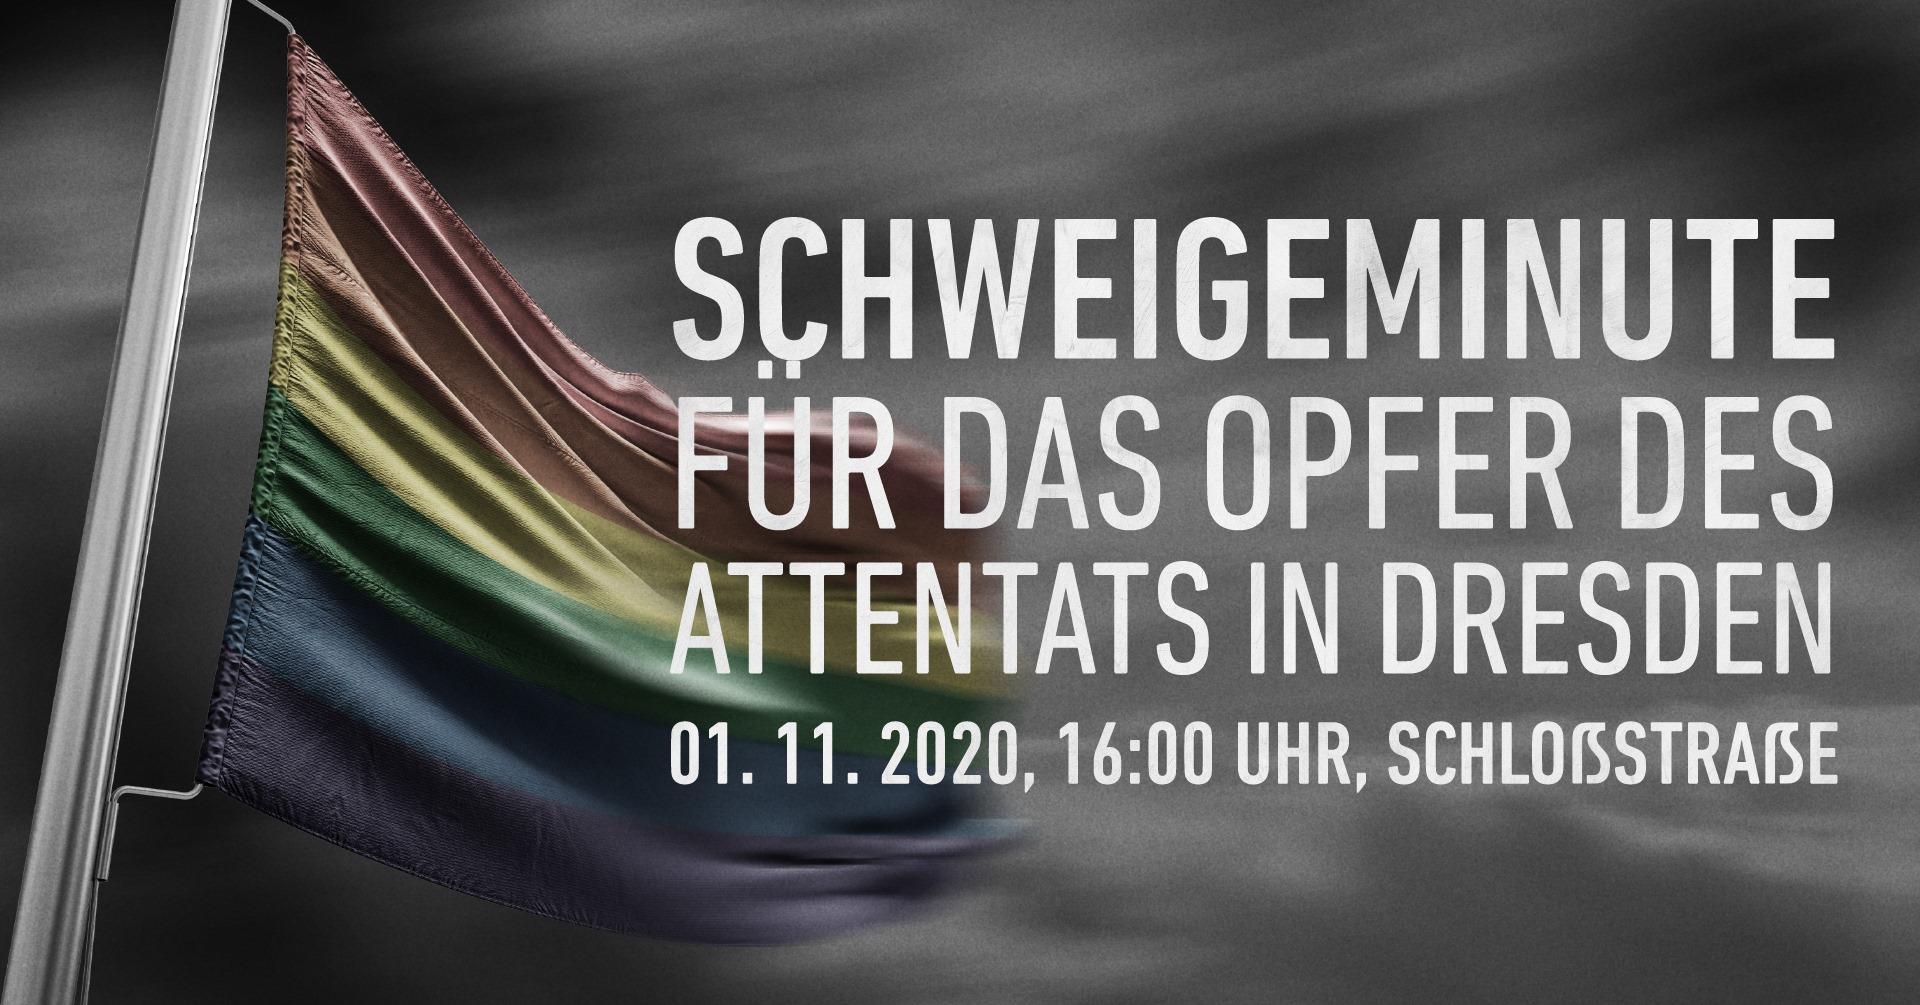 Offener Brief zum Attentat am 4.10.2020 in Dresden